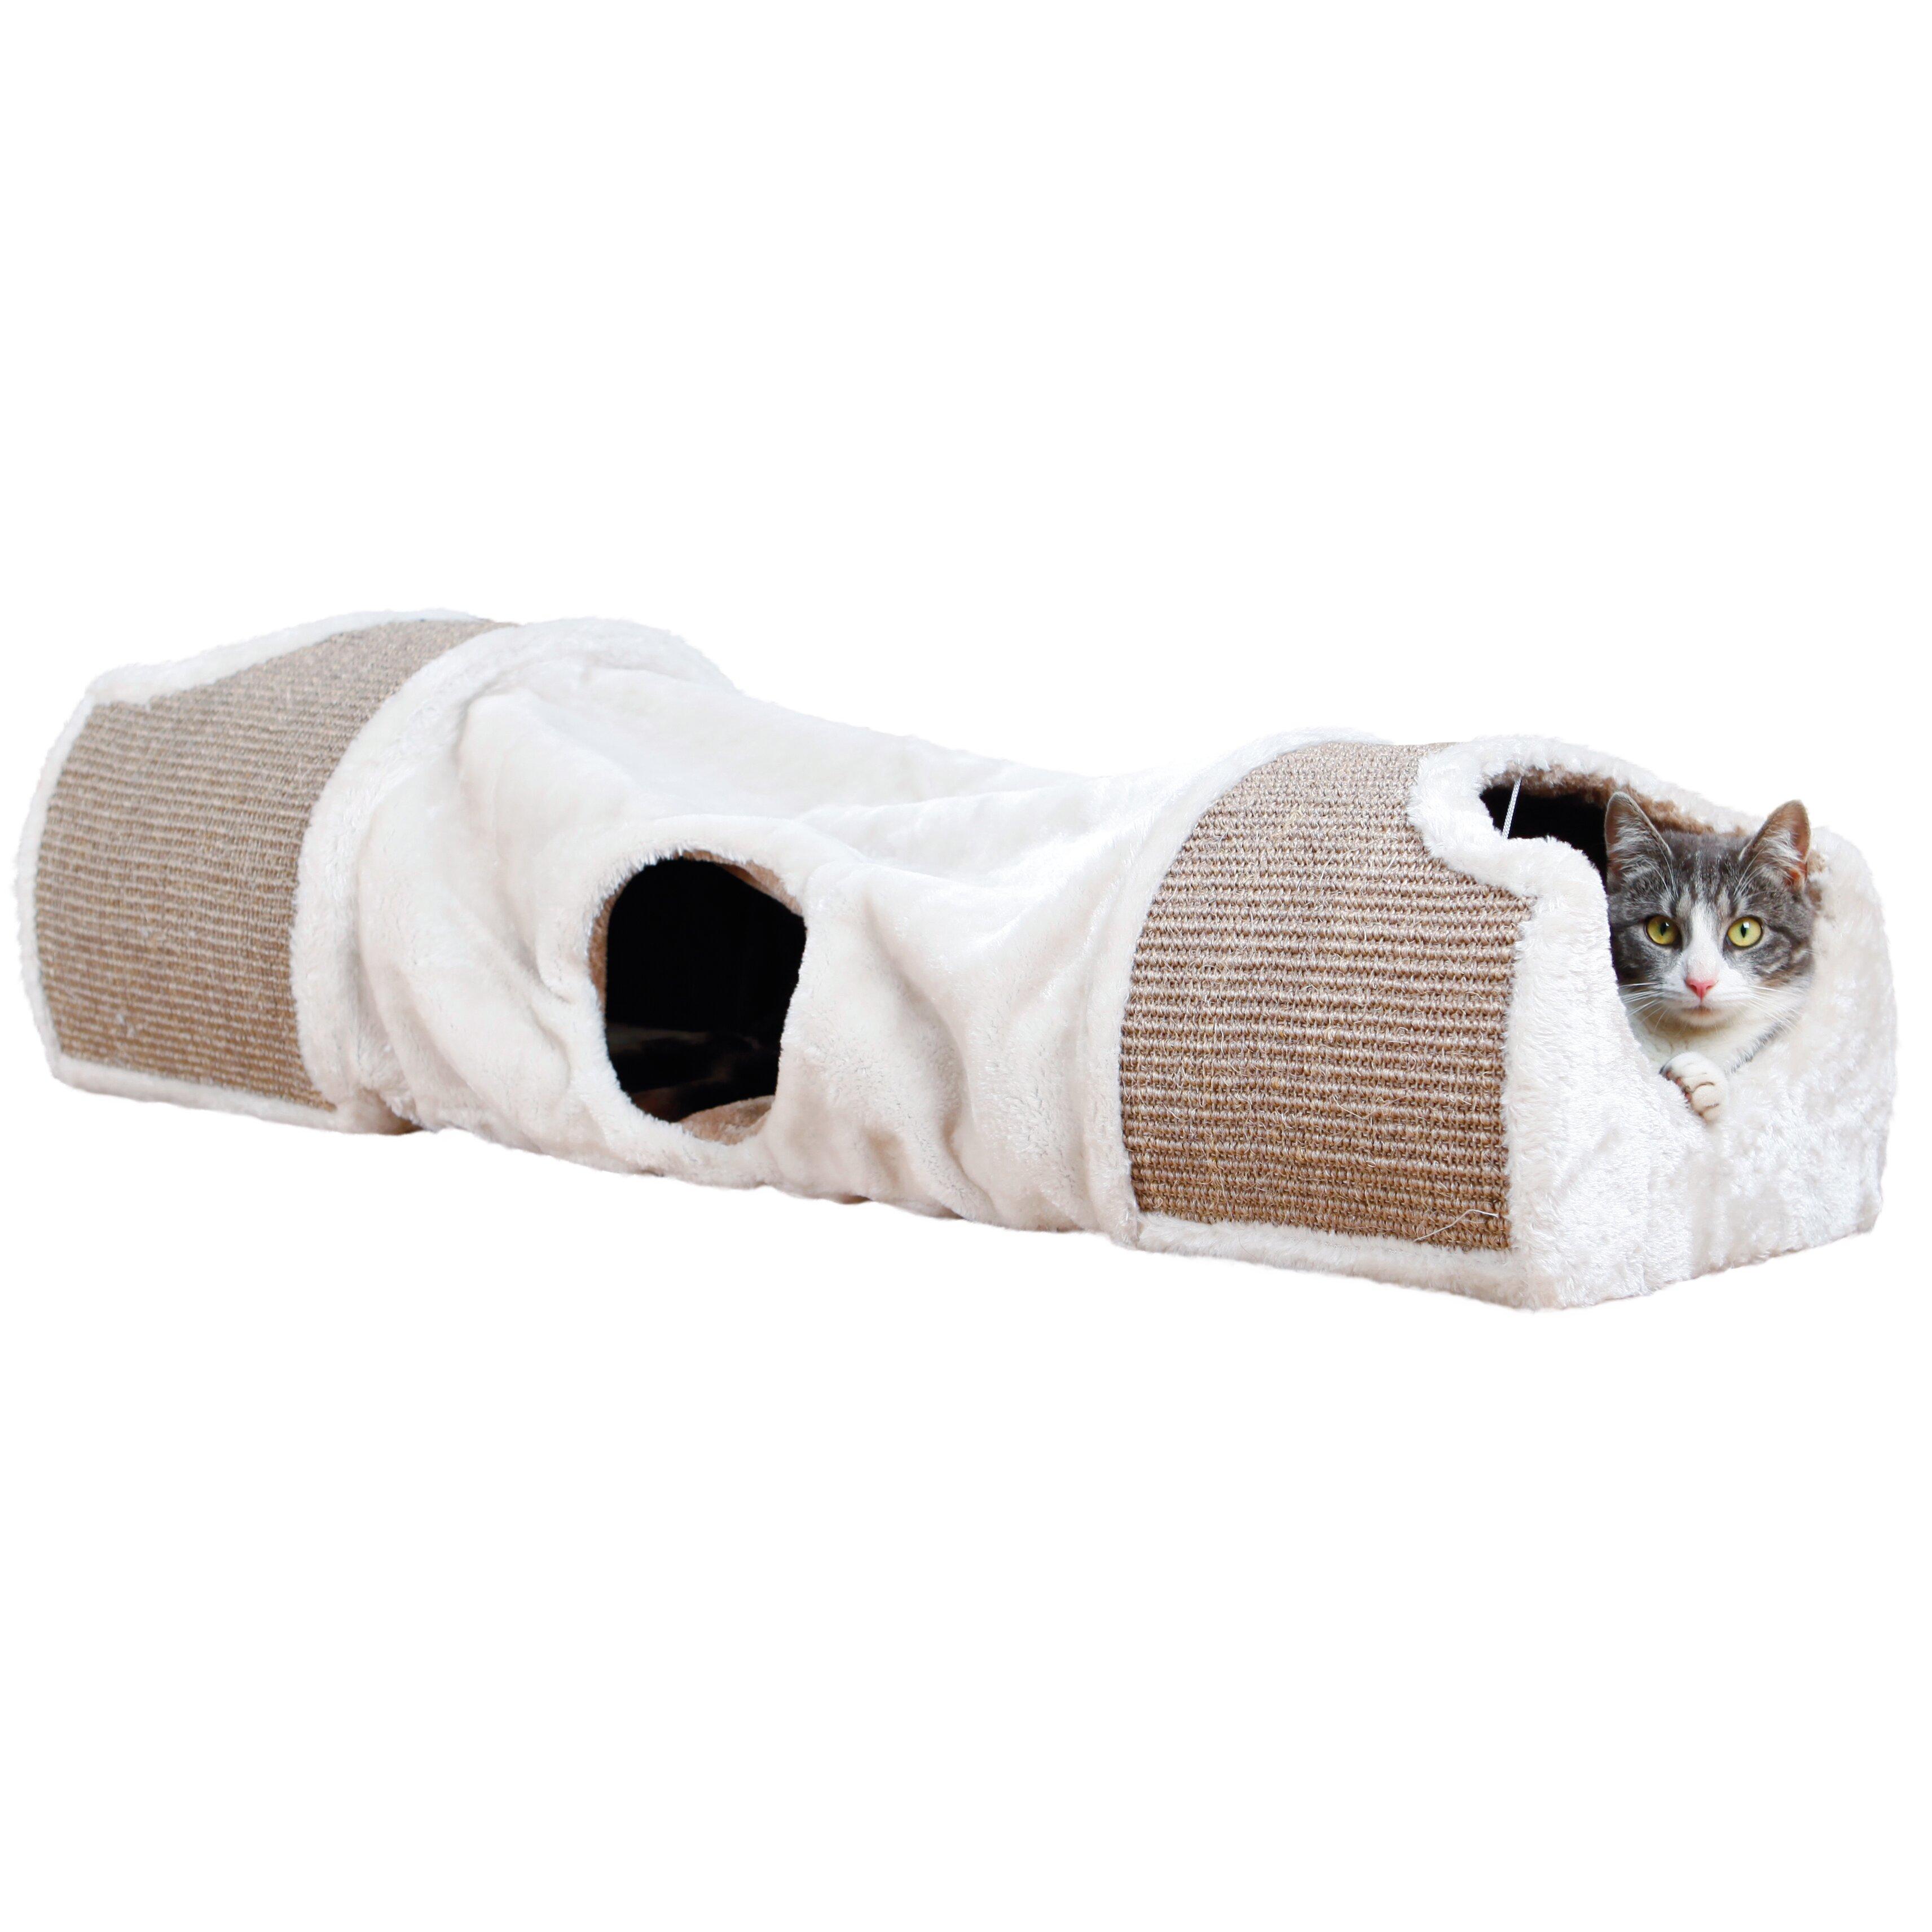 Trixie 11 75 Quot Plush Nesting Cat Condo Amp Reviews Wayfair